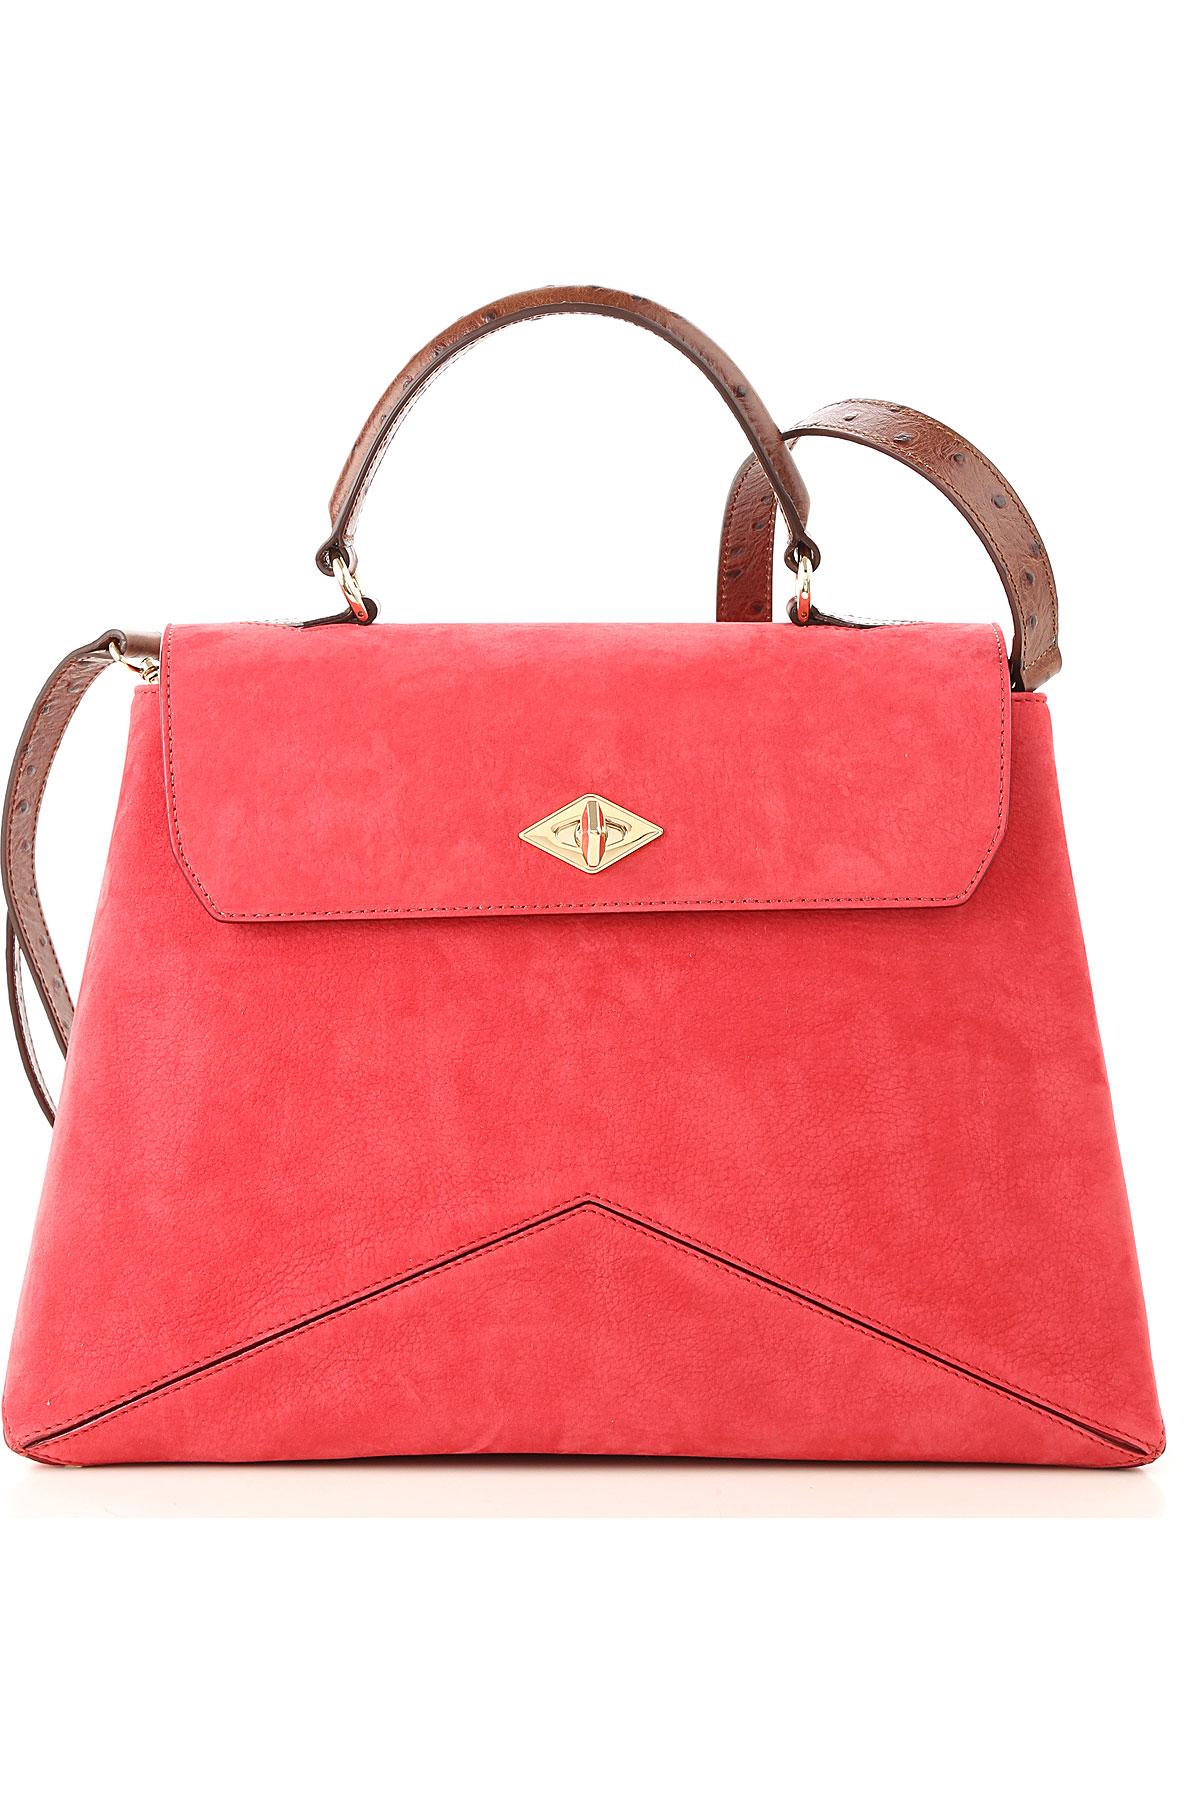 Image of Ballantyne Top Handle Handbag, Brilliant Fuchsia, suede, 2017